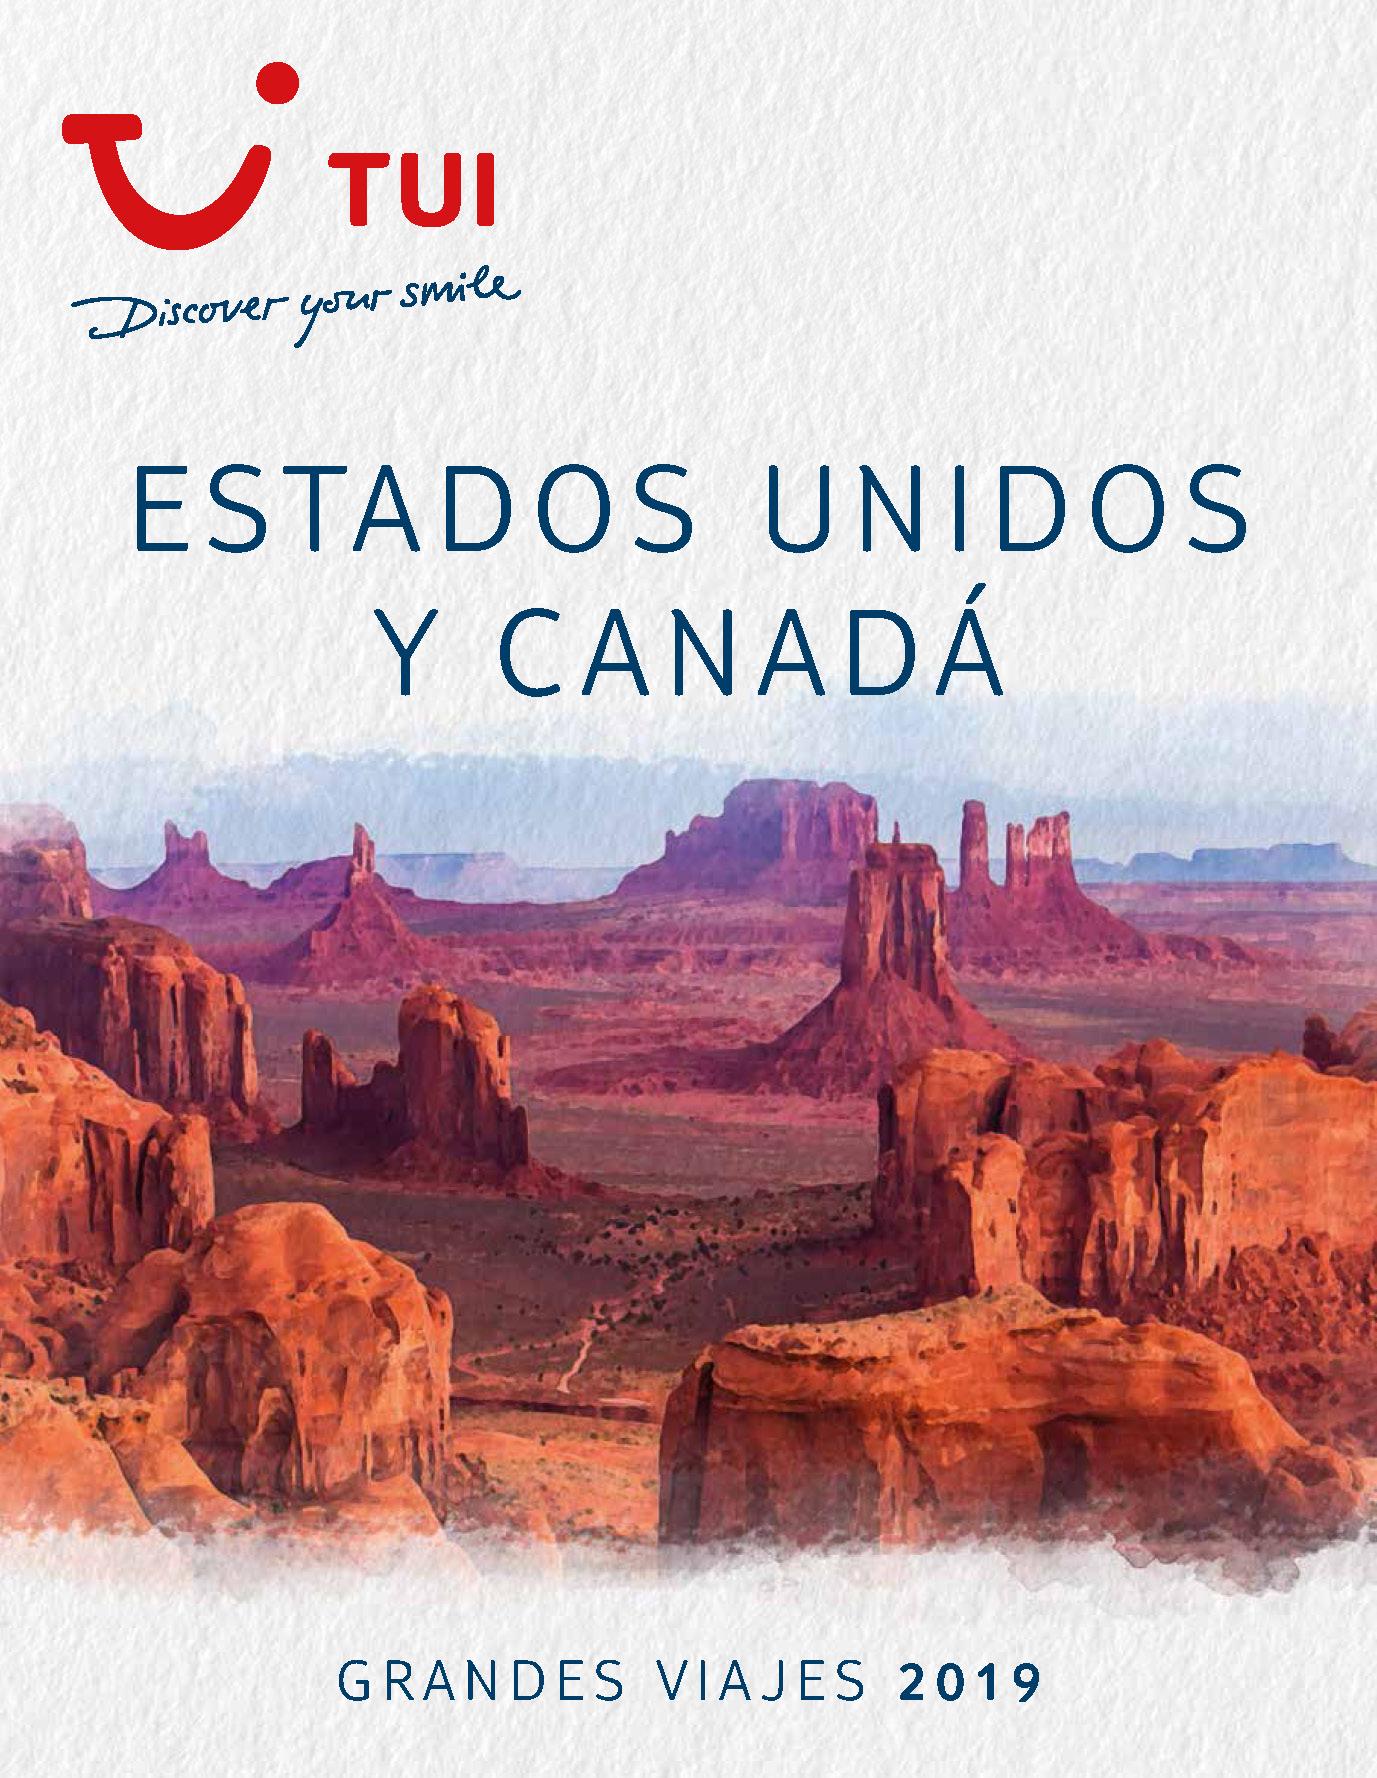 Catalogo TUI Ambassador Tours Estados Unidos y Canada 2019